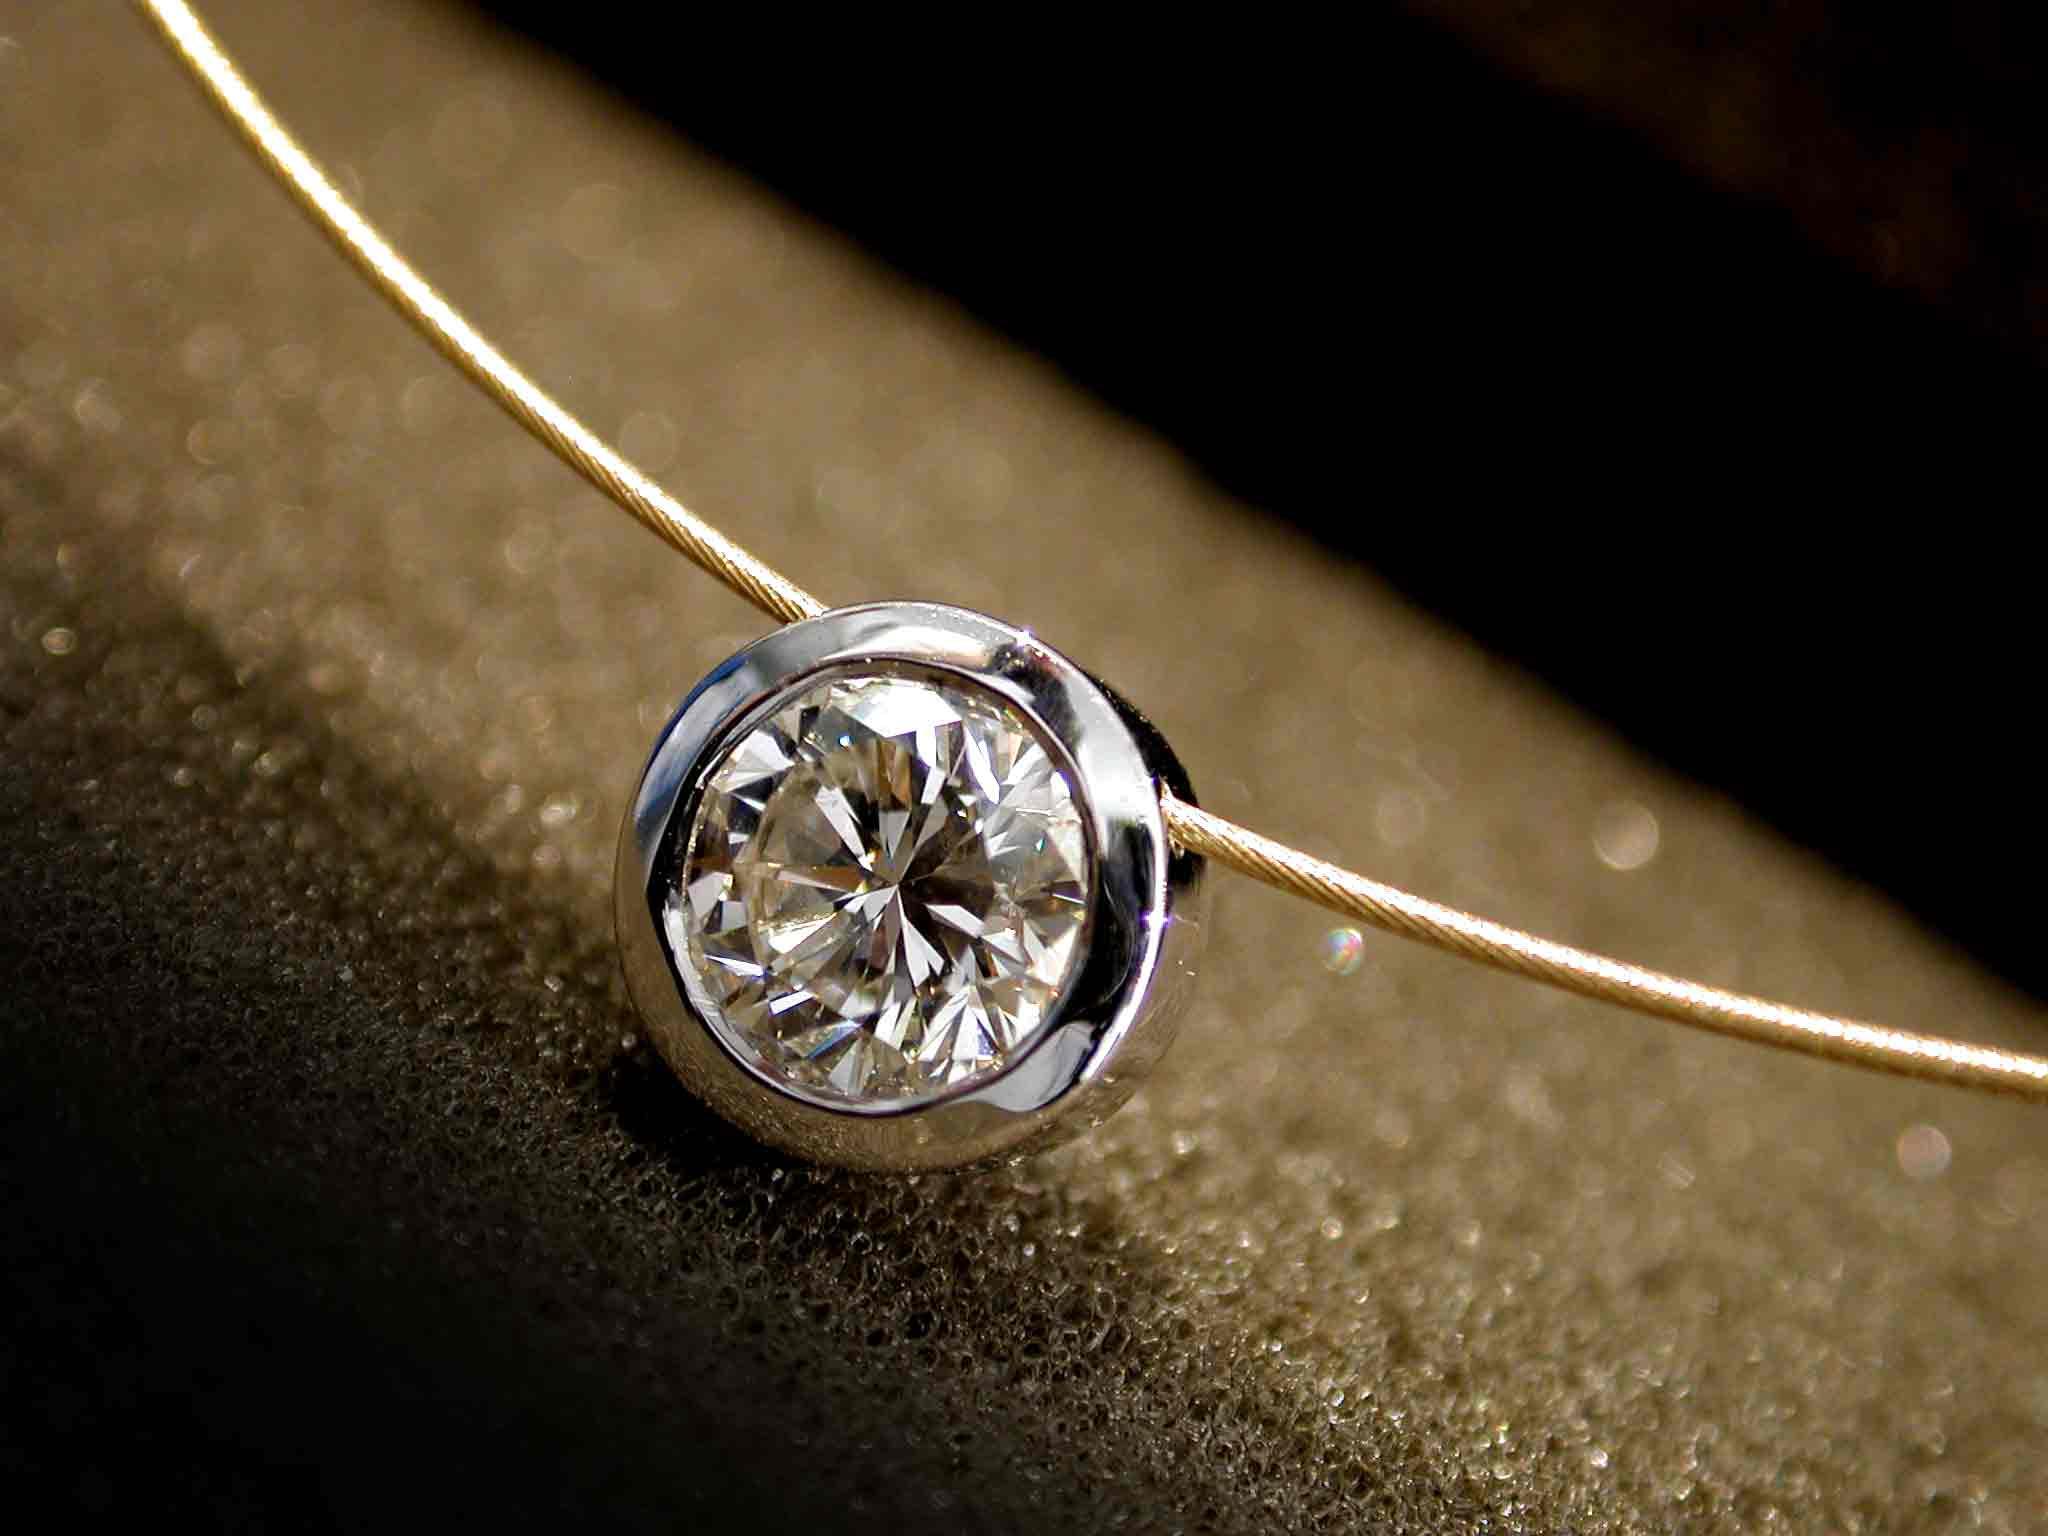 Diamant-Slider, 1,2 ct, Weiß-/Gelbgold 750